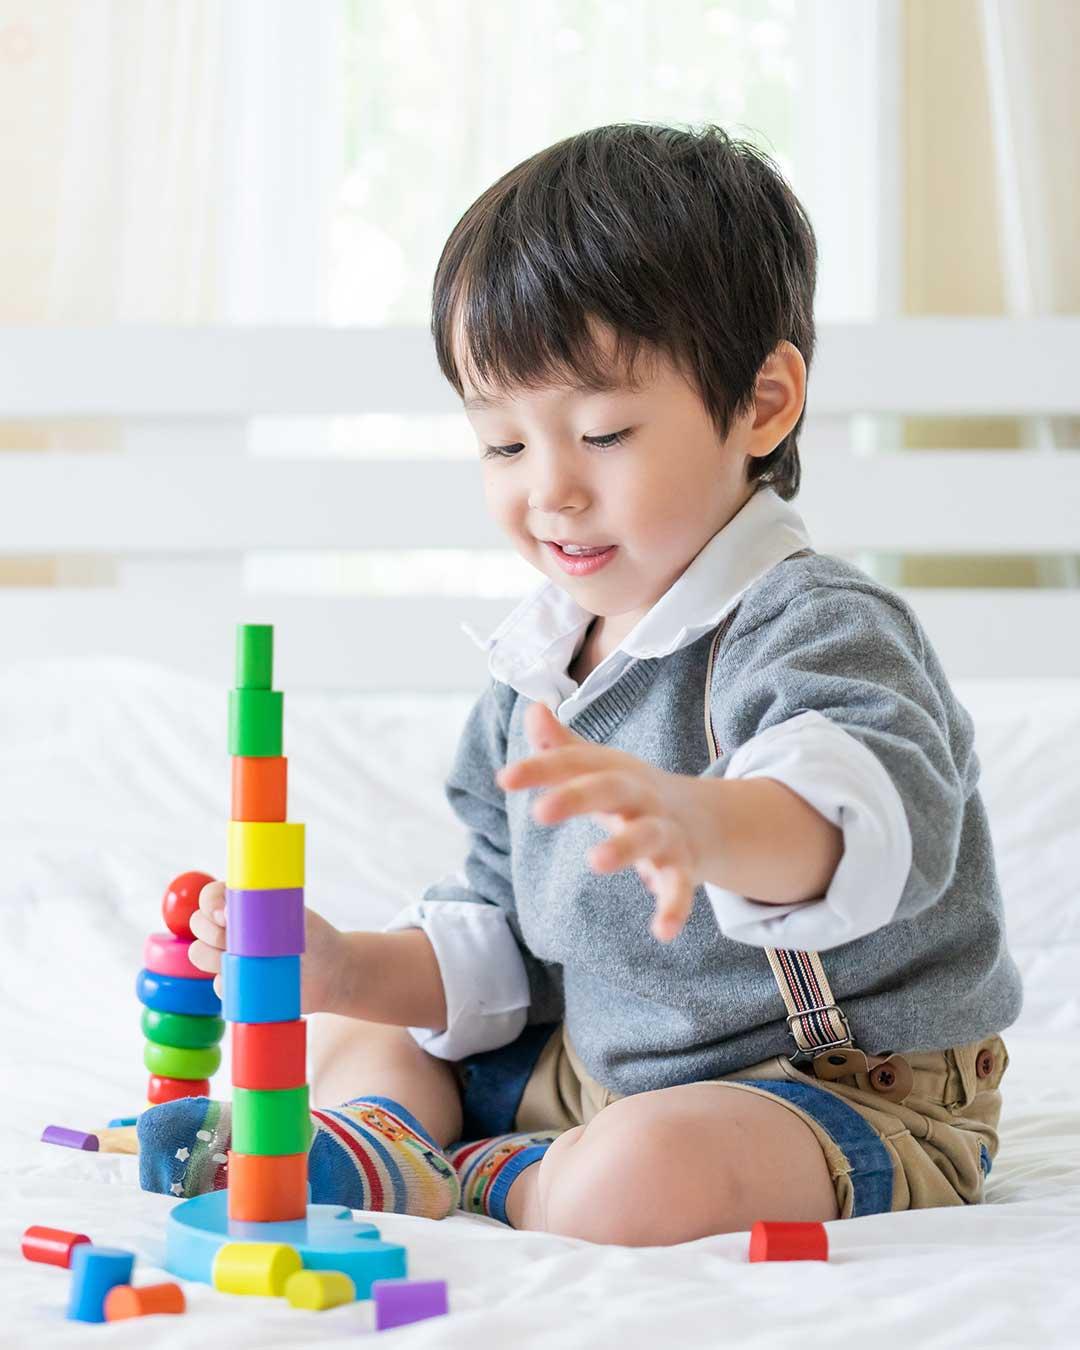 juguetes artesanales abuenpuerto